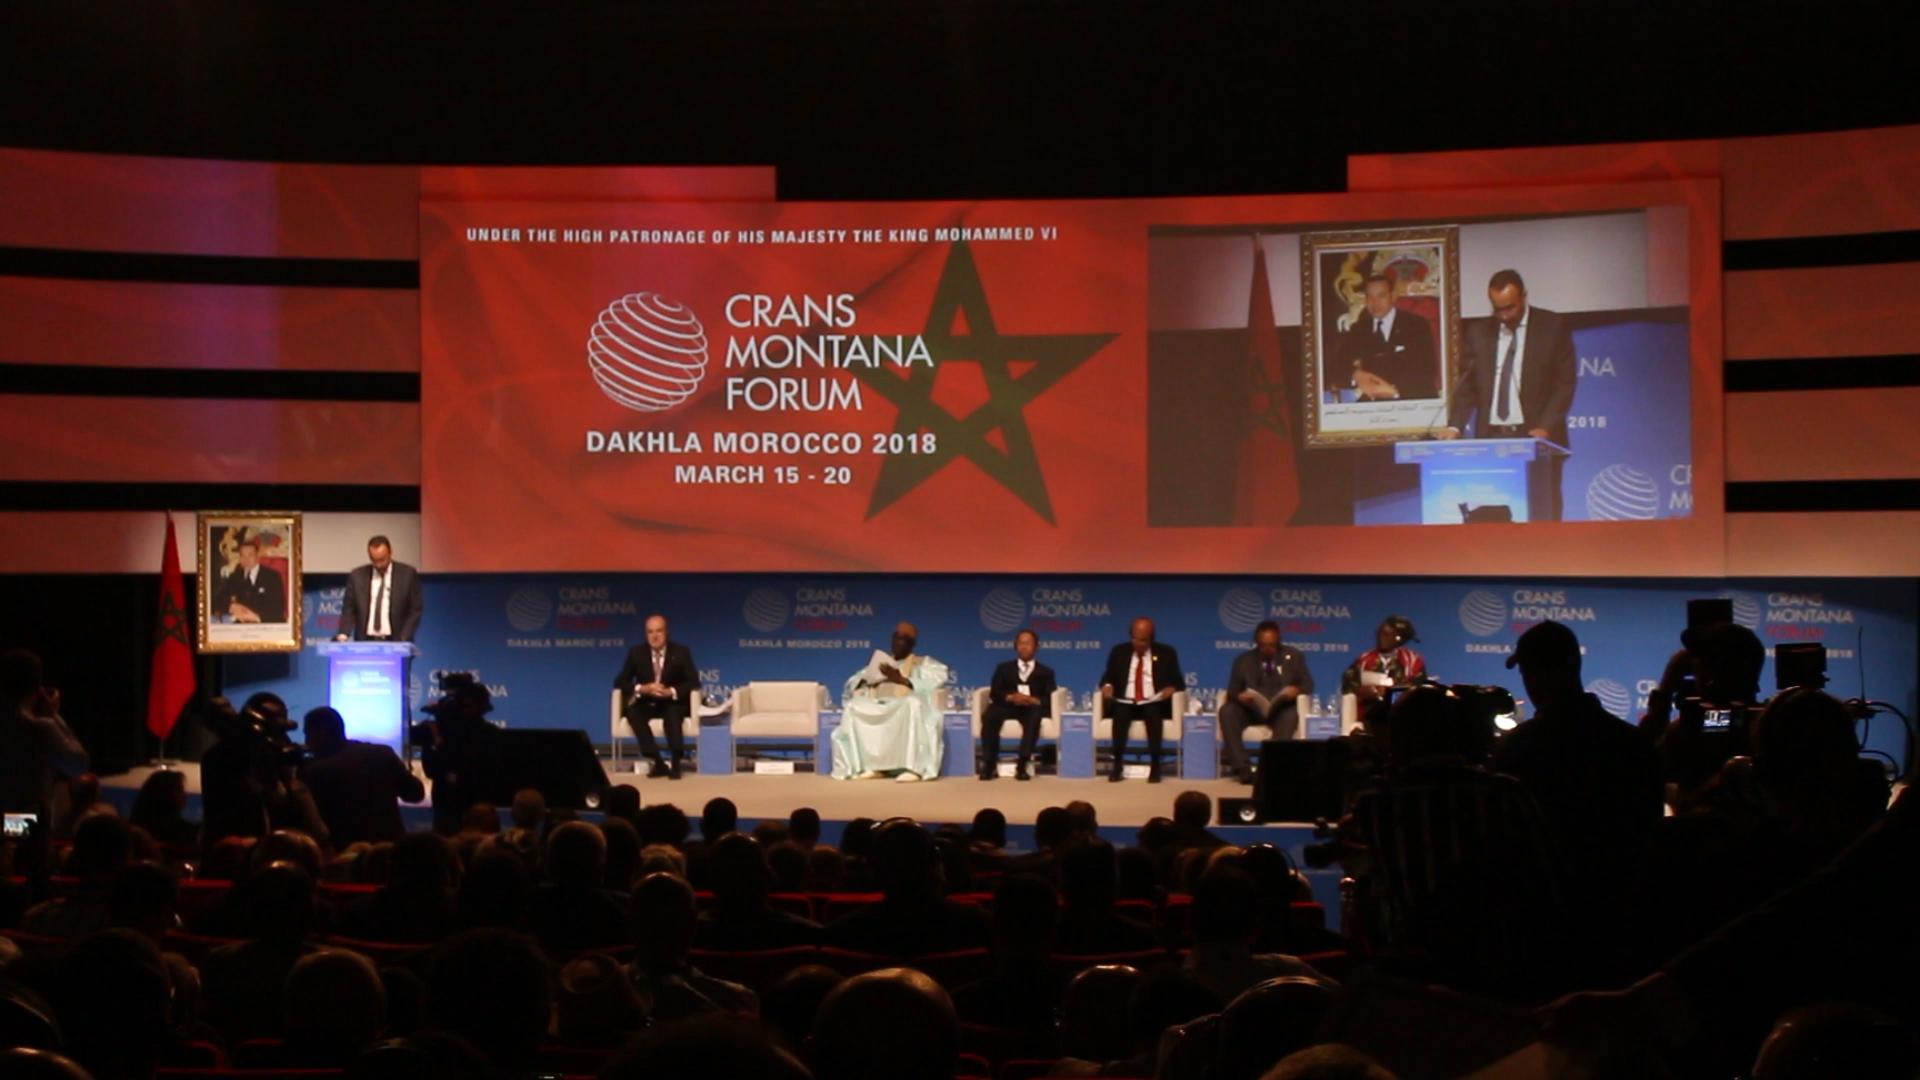 113 pays prennent part au Crans Montana